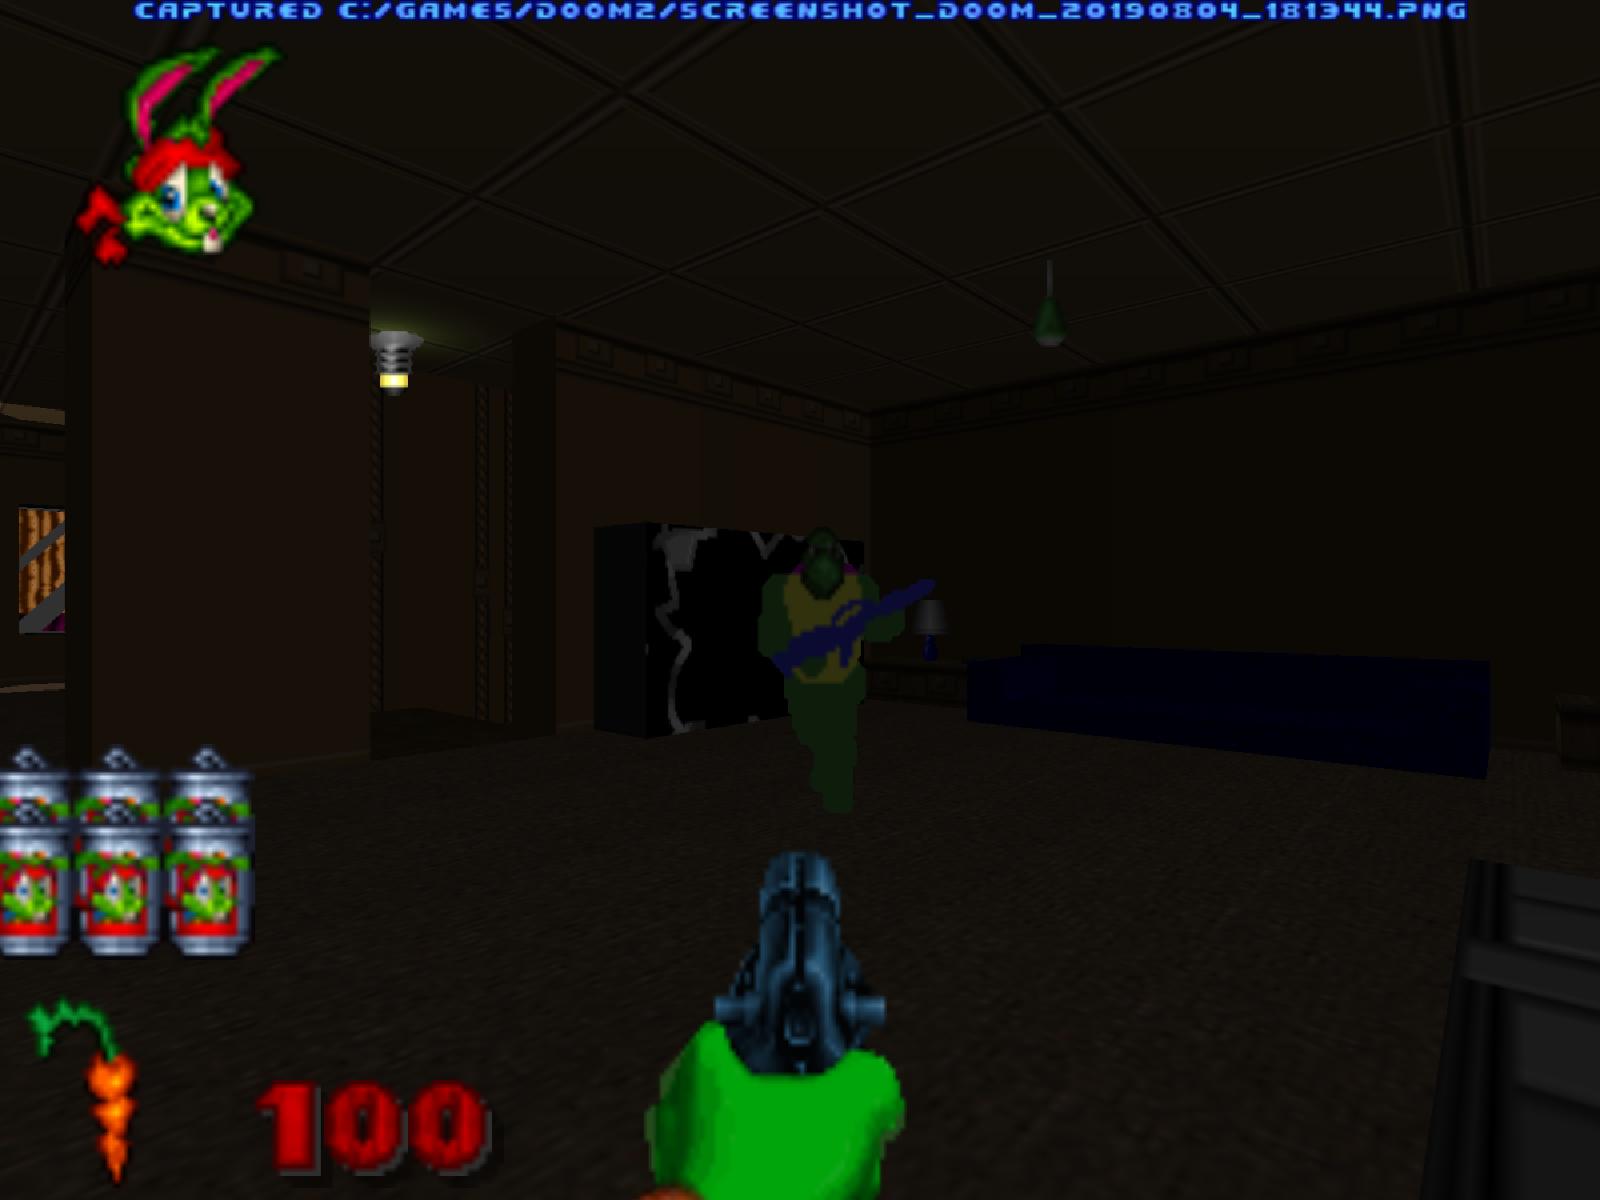 Screenshot_Doom_20190804_181347.png